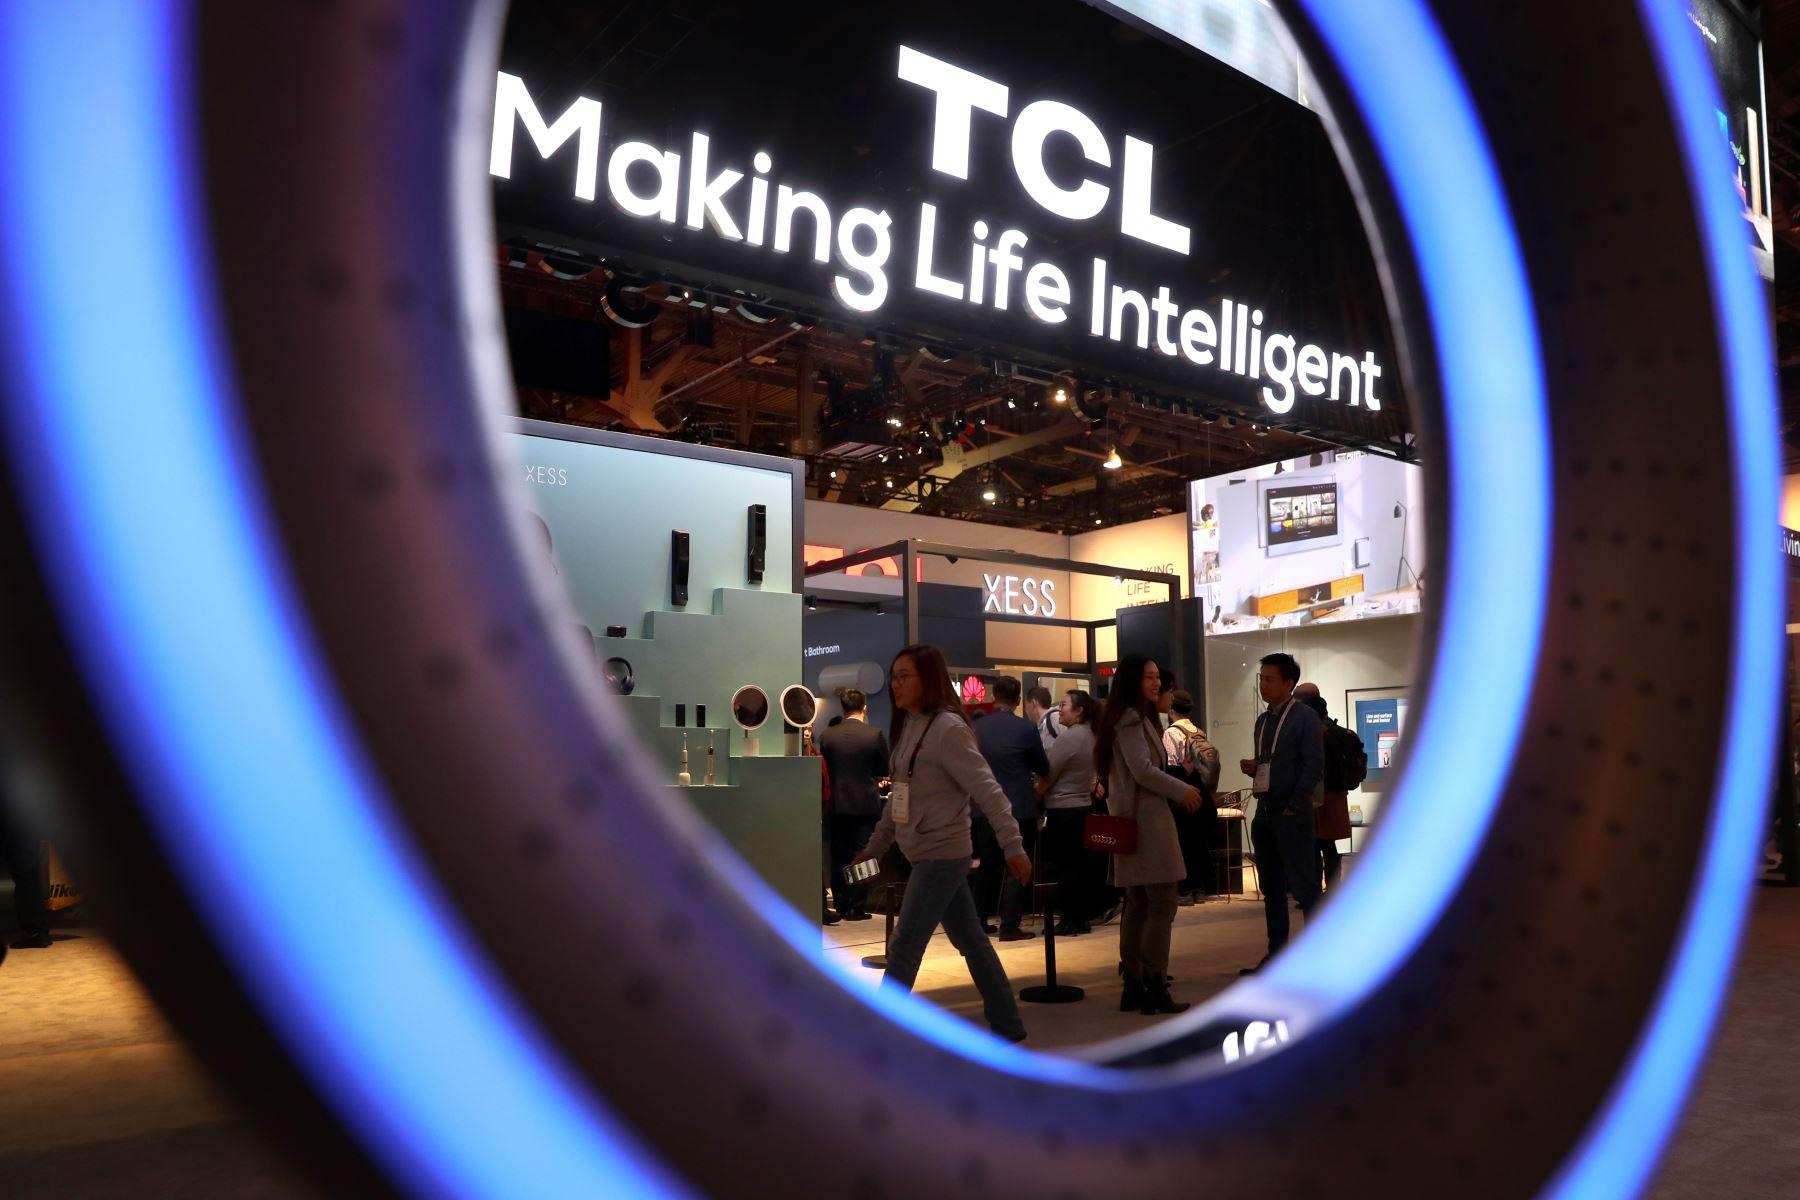 Los asistentes visitaron el stand de TCL durante el CES 2019 en el Centro de Convenciones de Las Vegas. CES, la feria comercial de tecnología del consumidor más grande del mundo, se extiende hasta el 11 de enero y cuenta con aproximadamente 4,500 expositores que muestran sus últimos productos y servicios a más de 180,000 asistentes. AFP